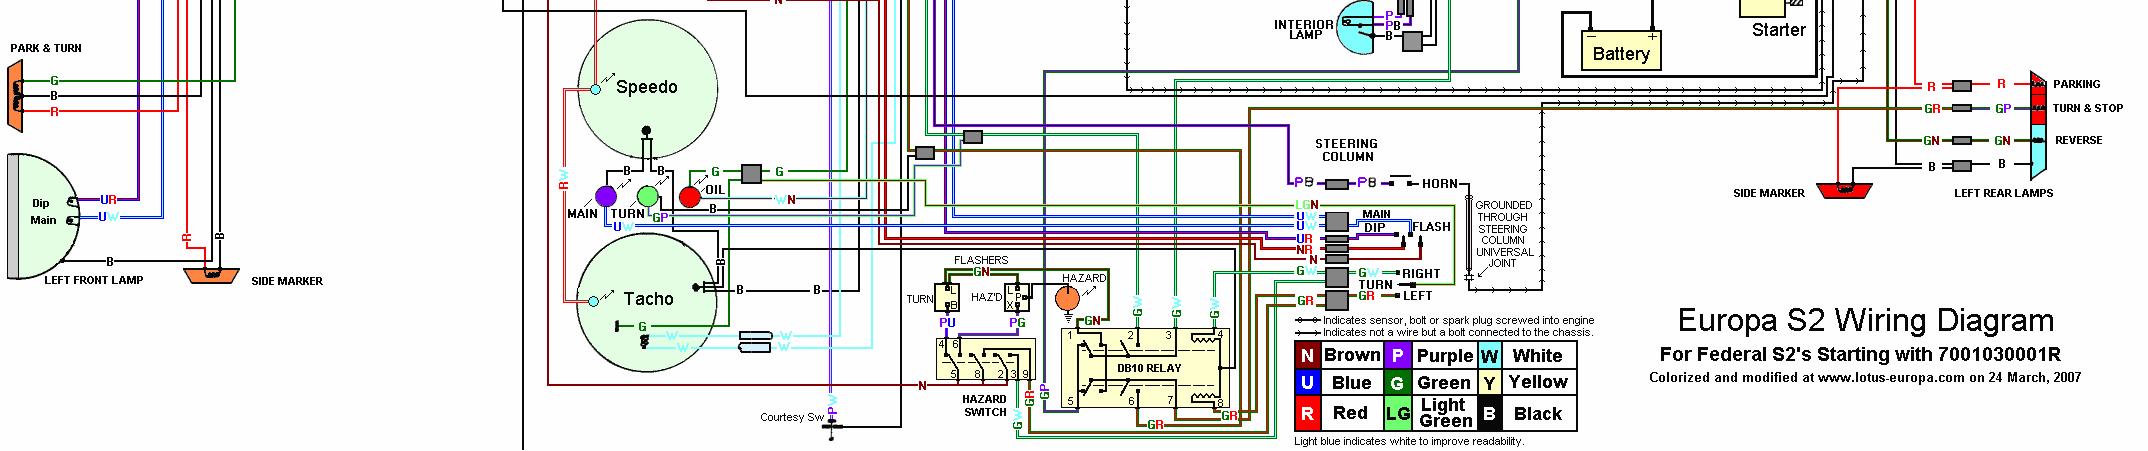 Prestige Remote Starter Wiring Diagram : Audiovox car alarm prestige i wiring diagram